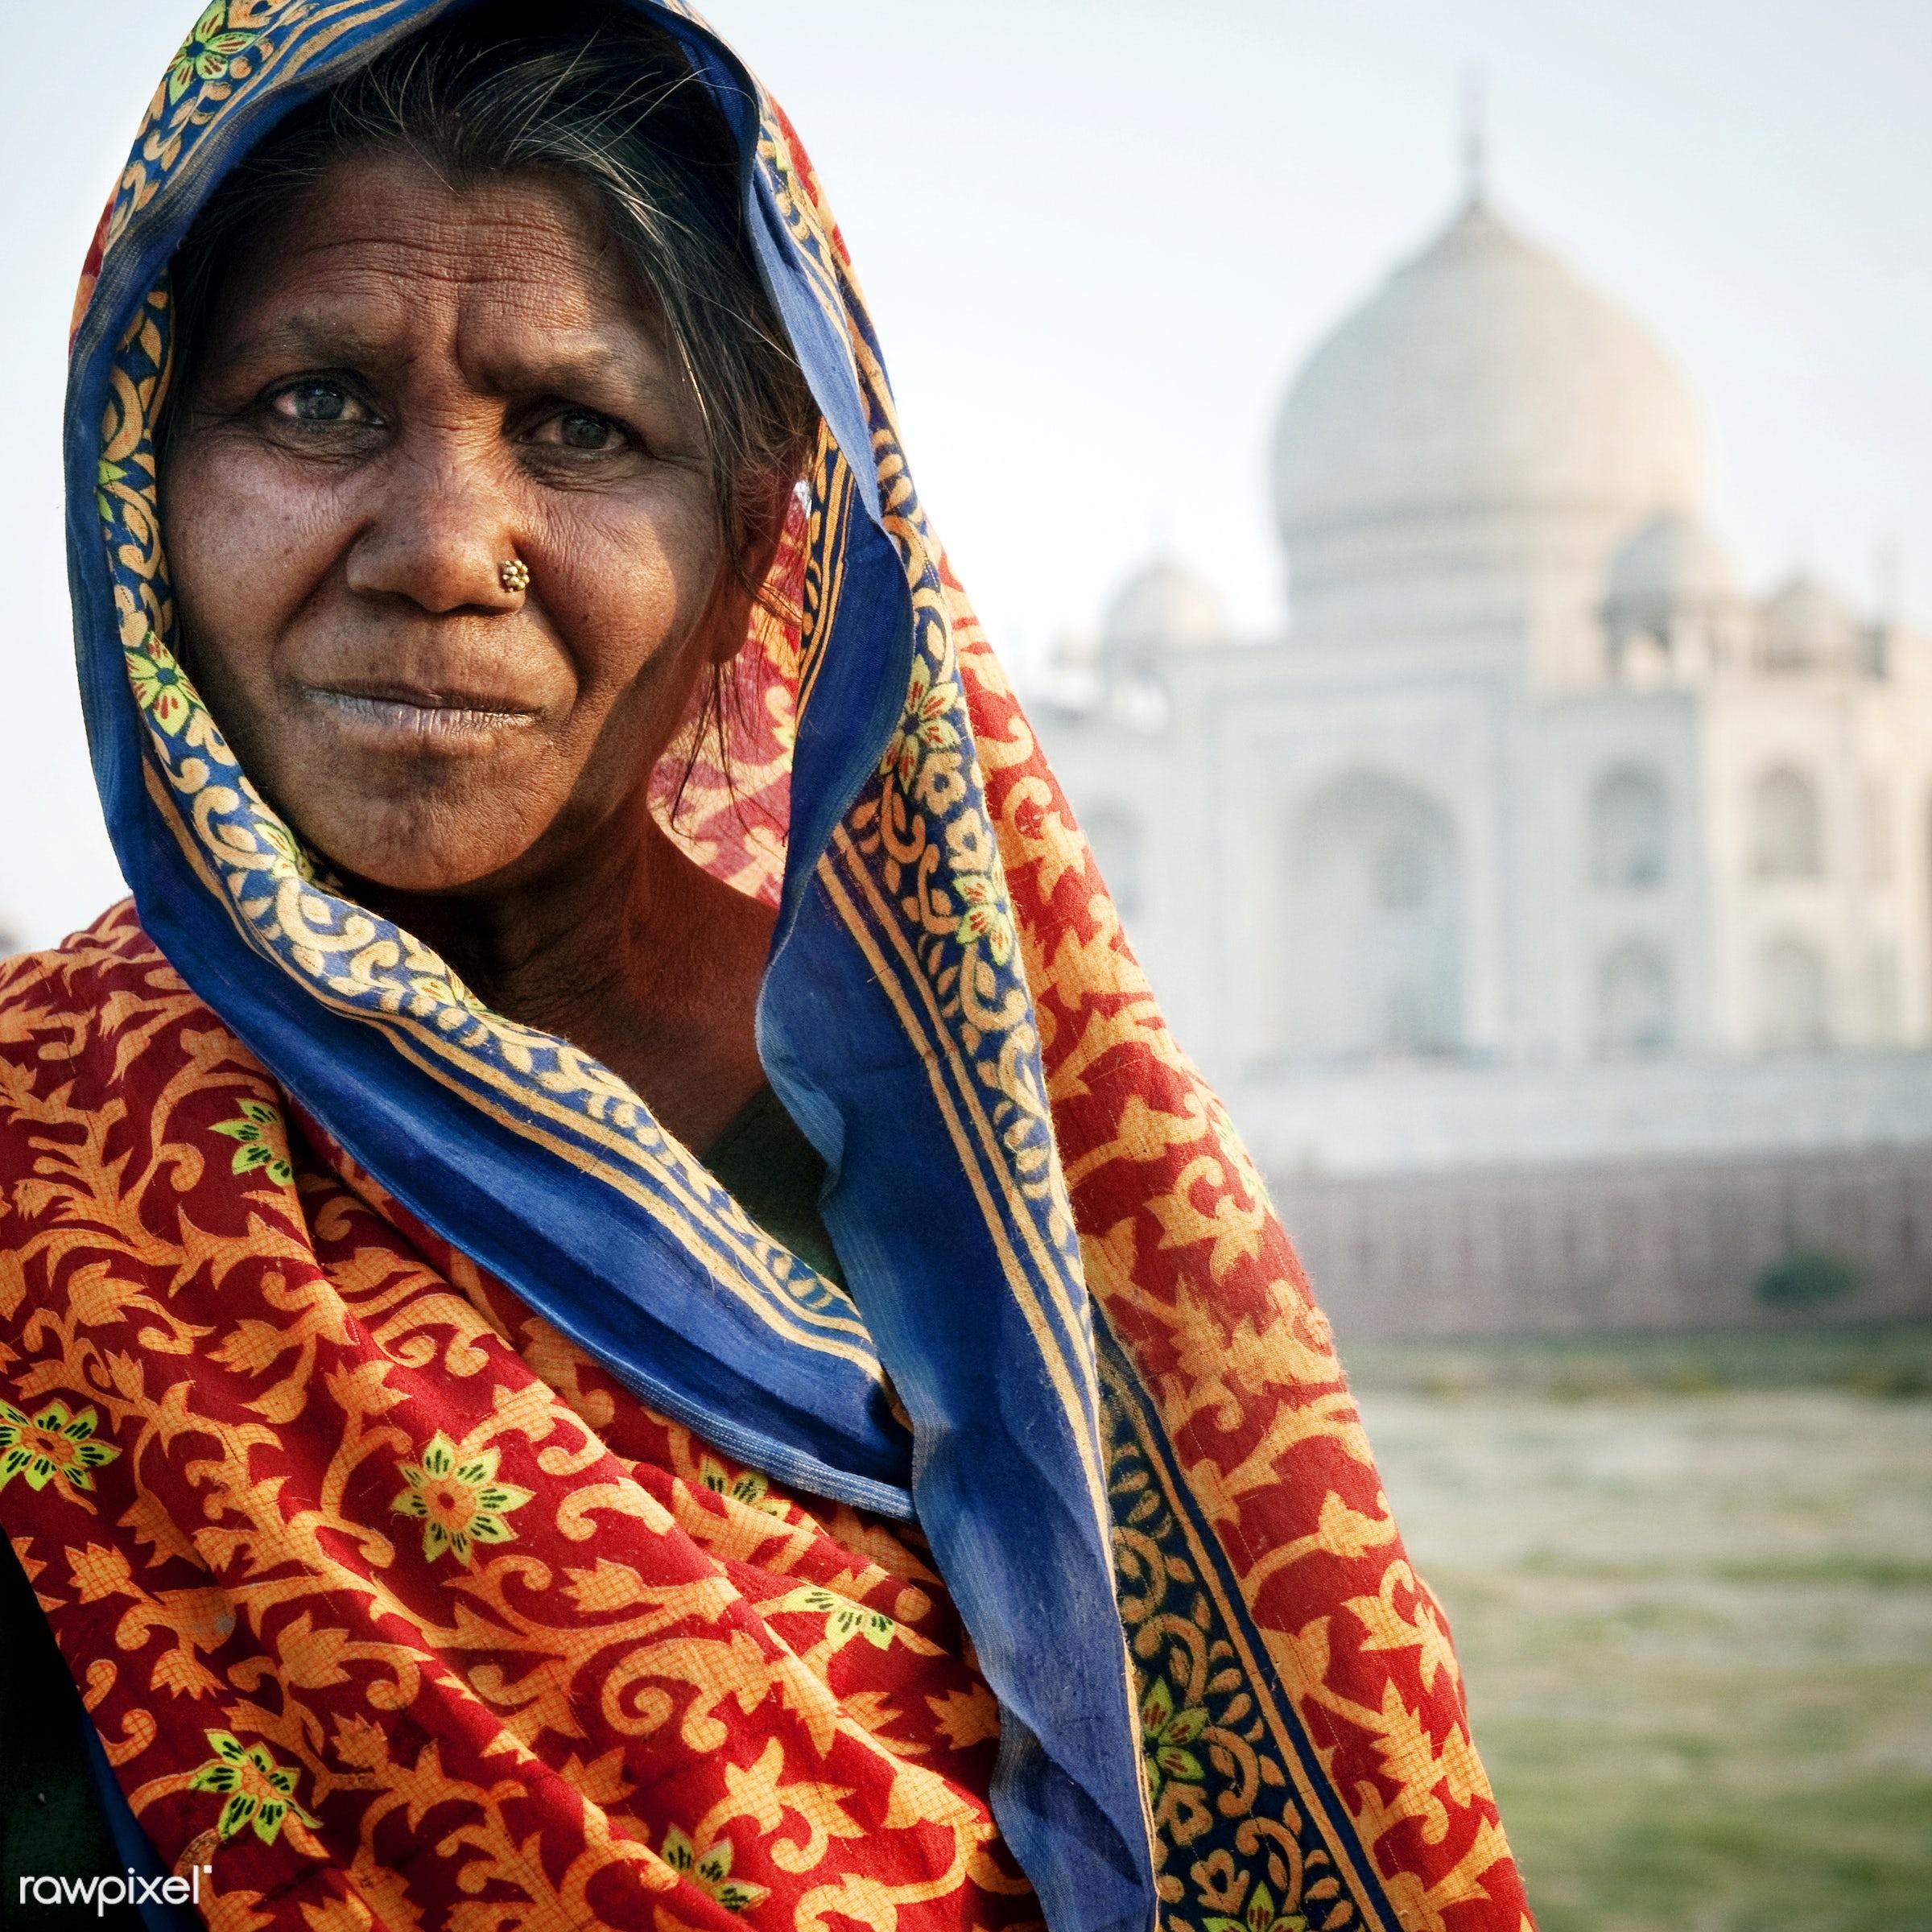 Indian woman in front of the Taj Mahal - 7 wonders, architectural styles, architecture, architecture and buildings, asia,...